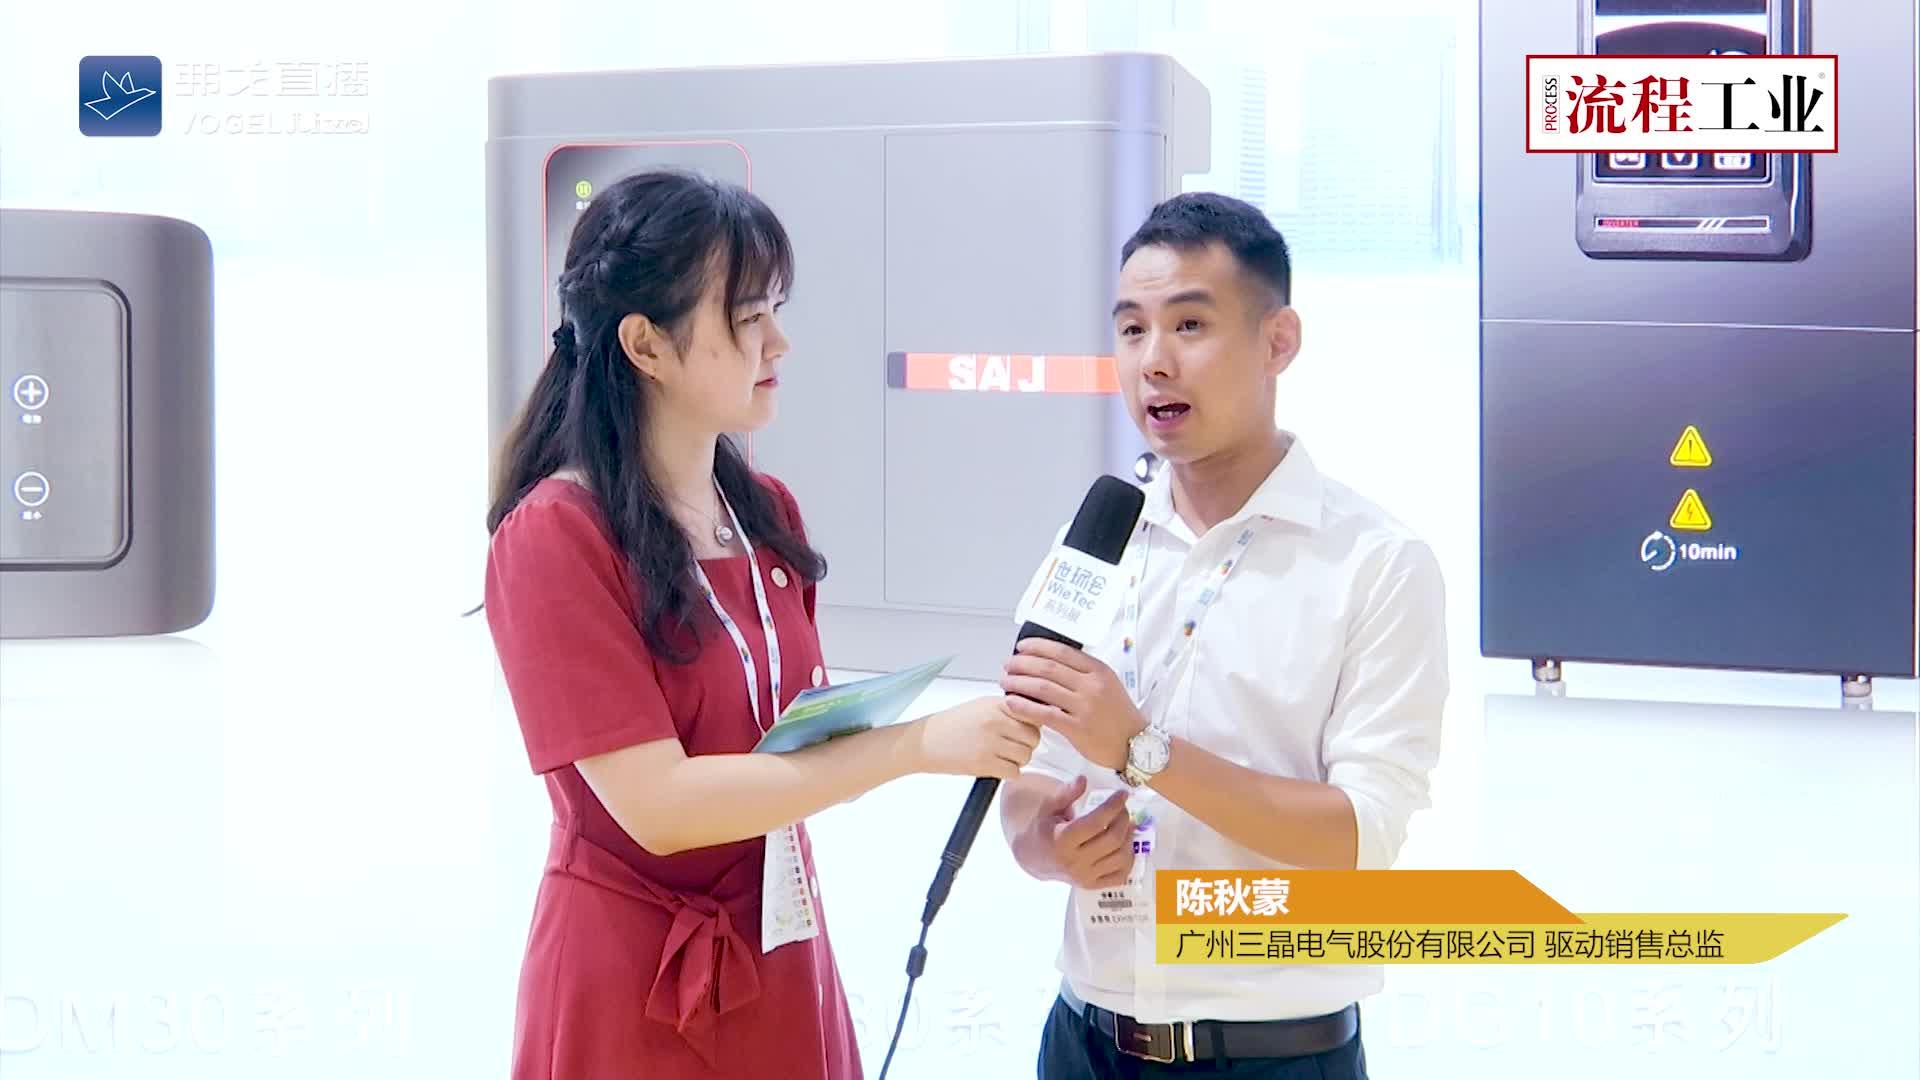 第九届上海国际泵阀展览会专访——广州三晶电气股份有限公司驱动销售总监陈秋蒙先生